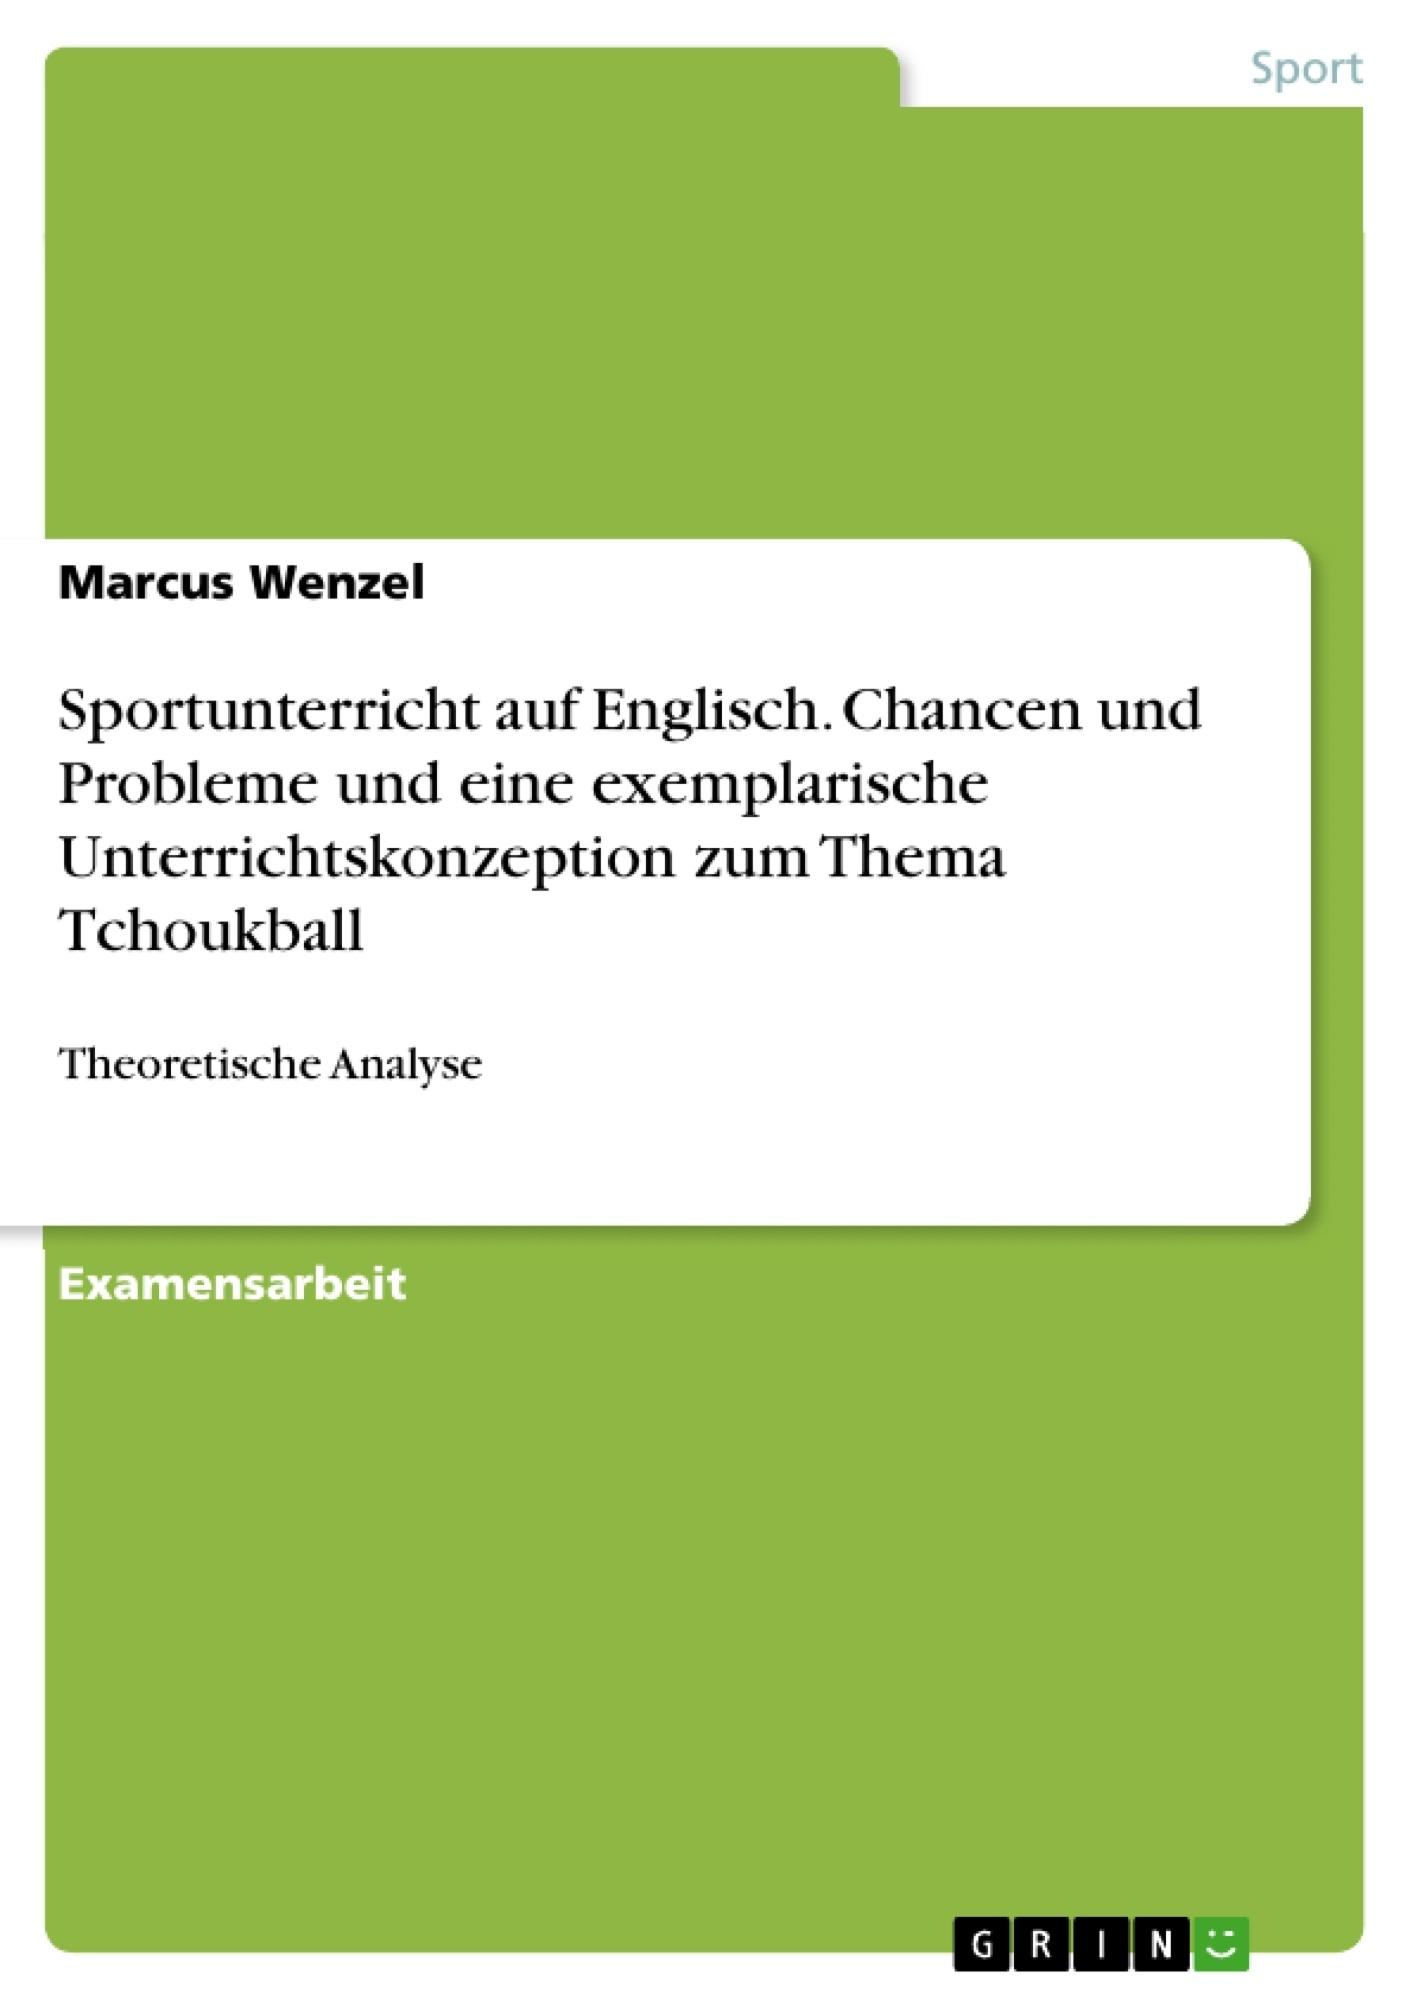 Titel: Sportunterricht auf Englisch. Chancen und Probleme und eine exemplarische Unterrichtskonzeption zum Thema Tchoukball